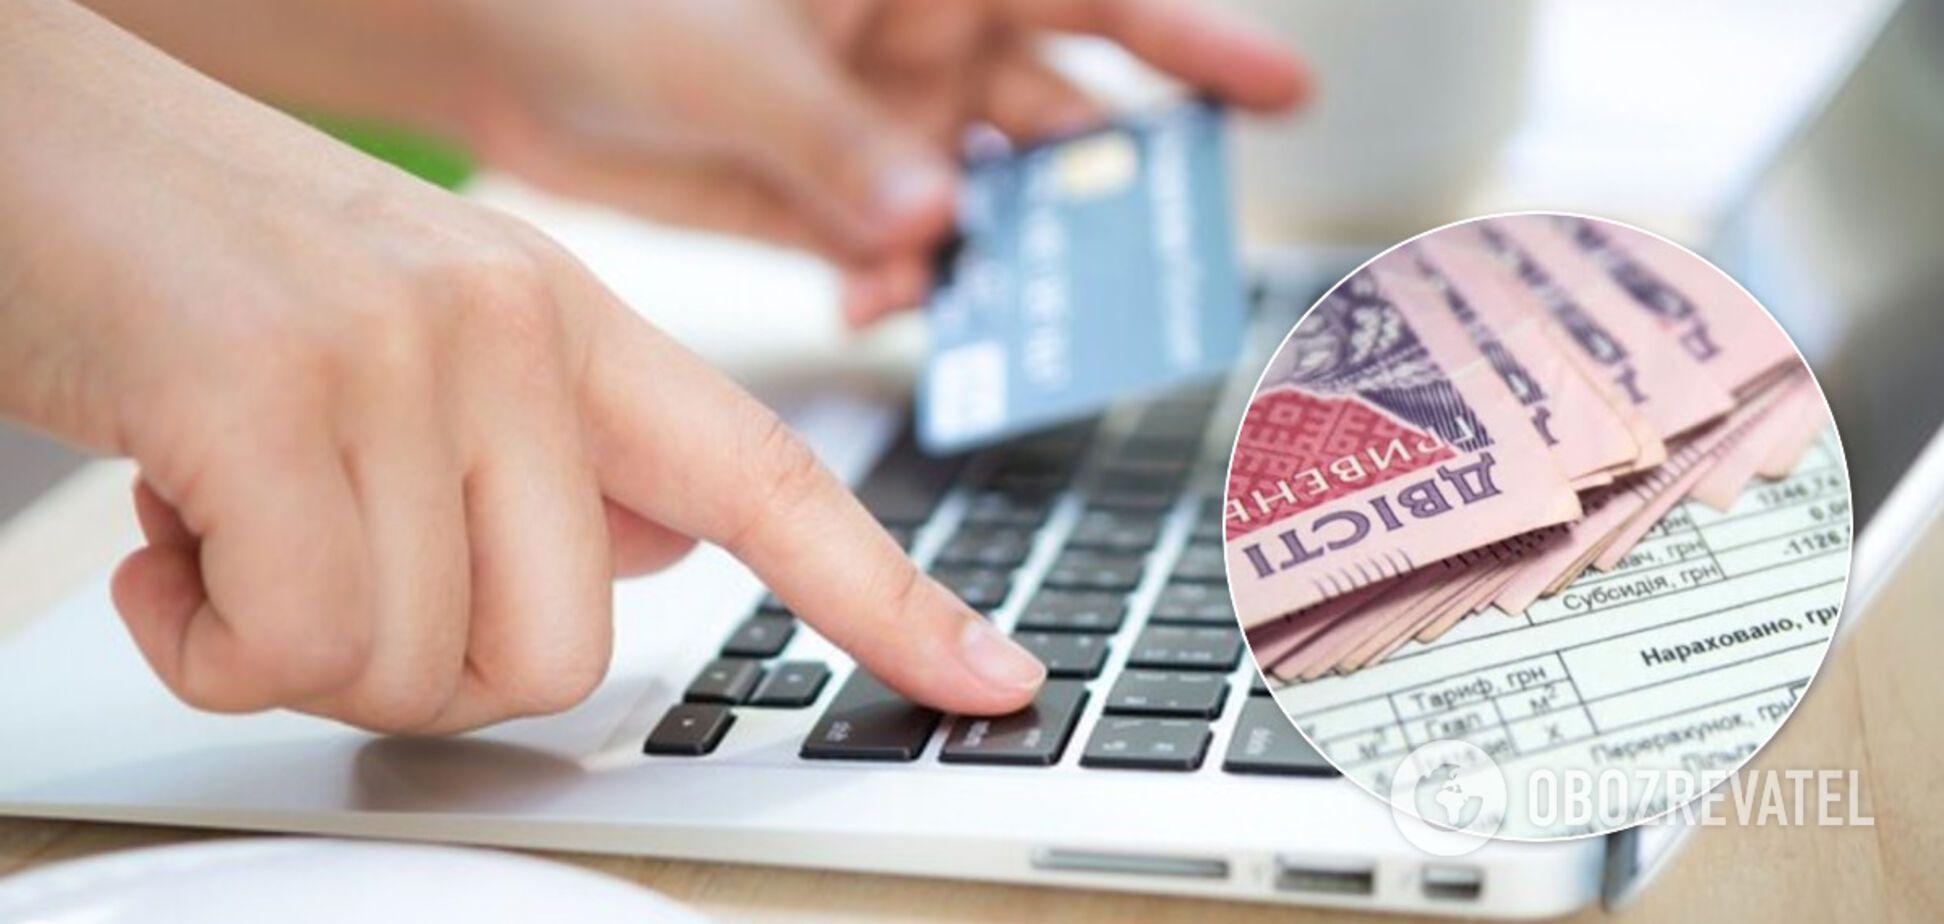 В Украине за долги по коммуналке хотят забирать зарплаты и штрафовать: что задумали 'слуги народа'